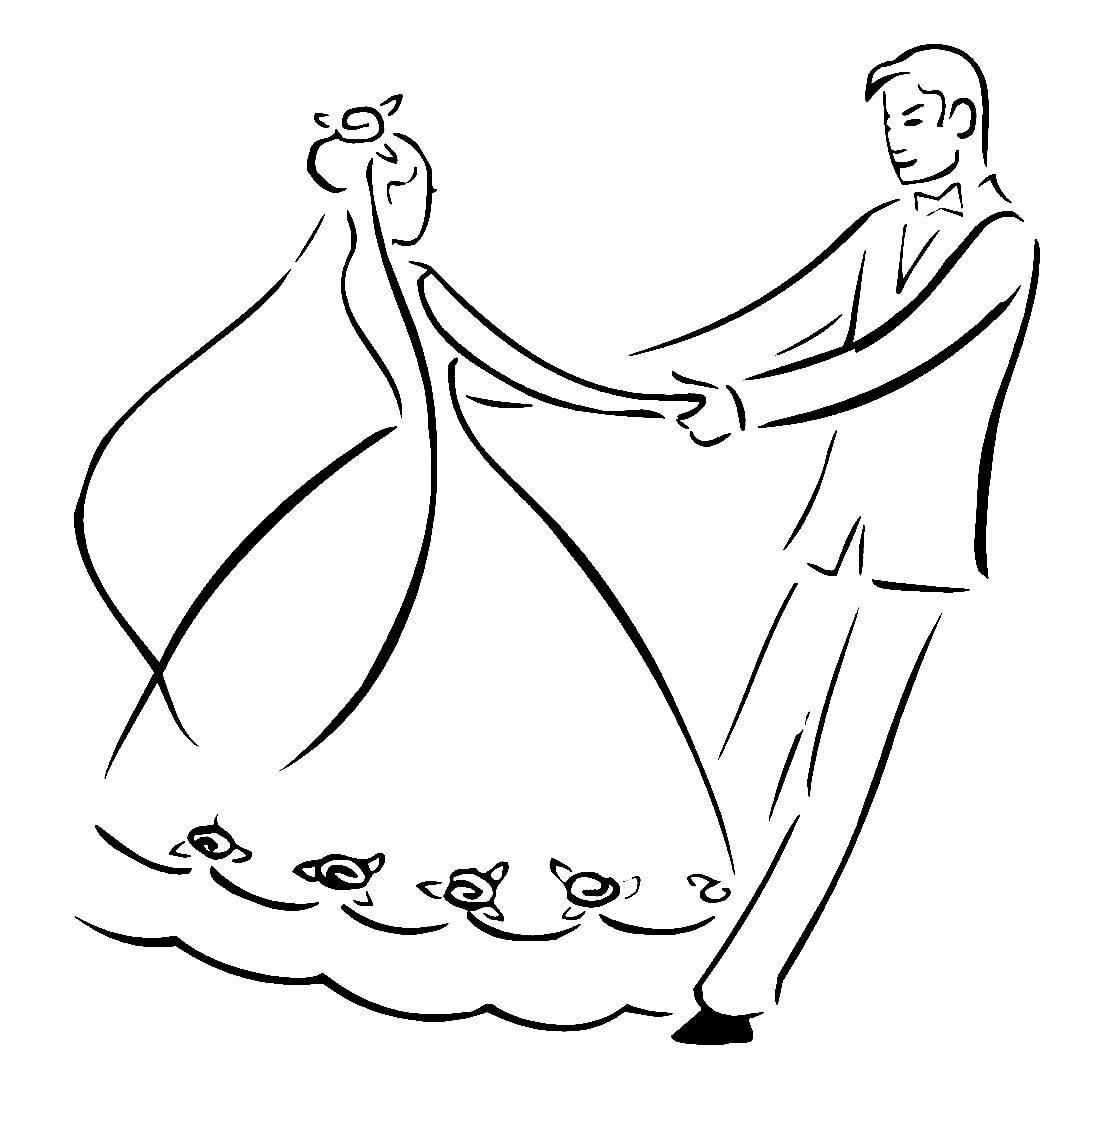 Как нарисовать рисунок на свадьбу